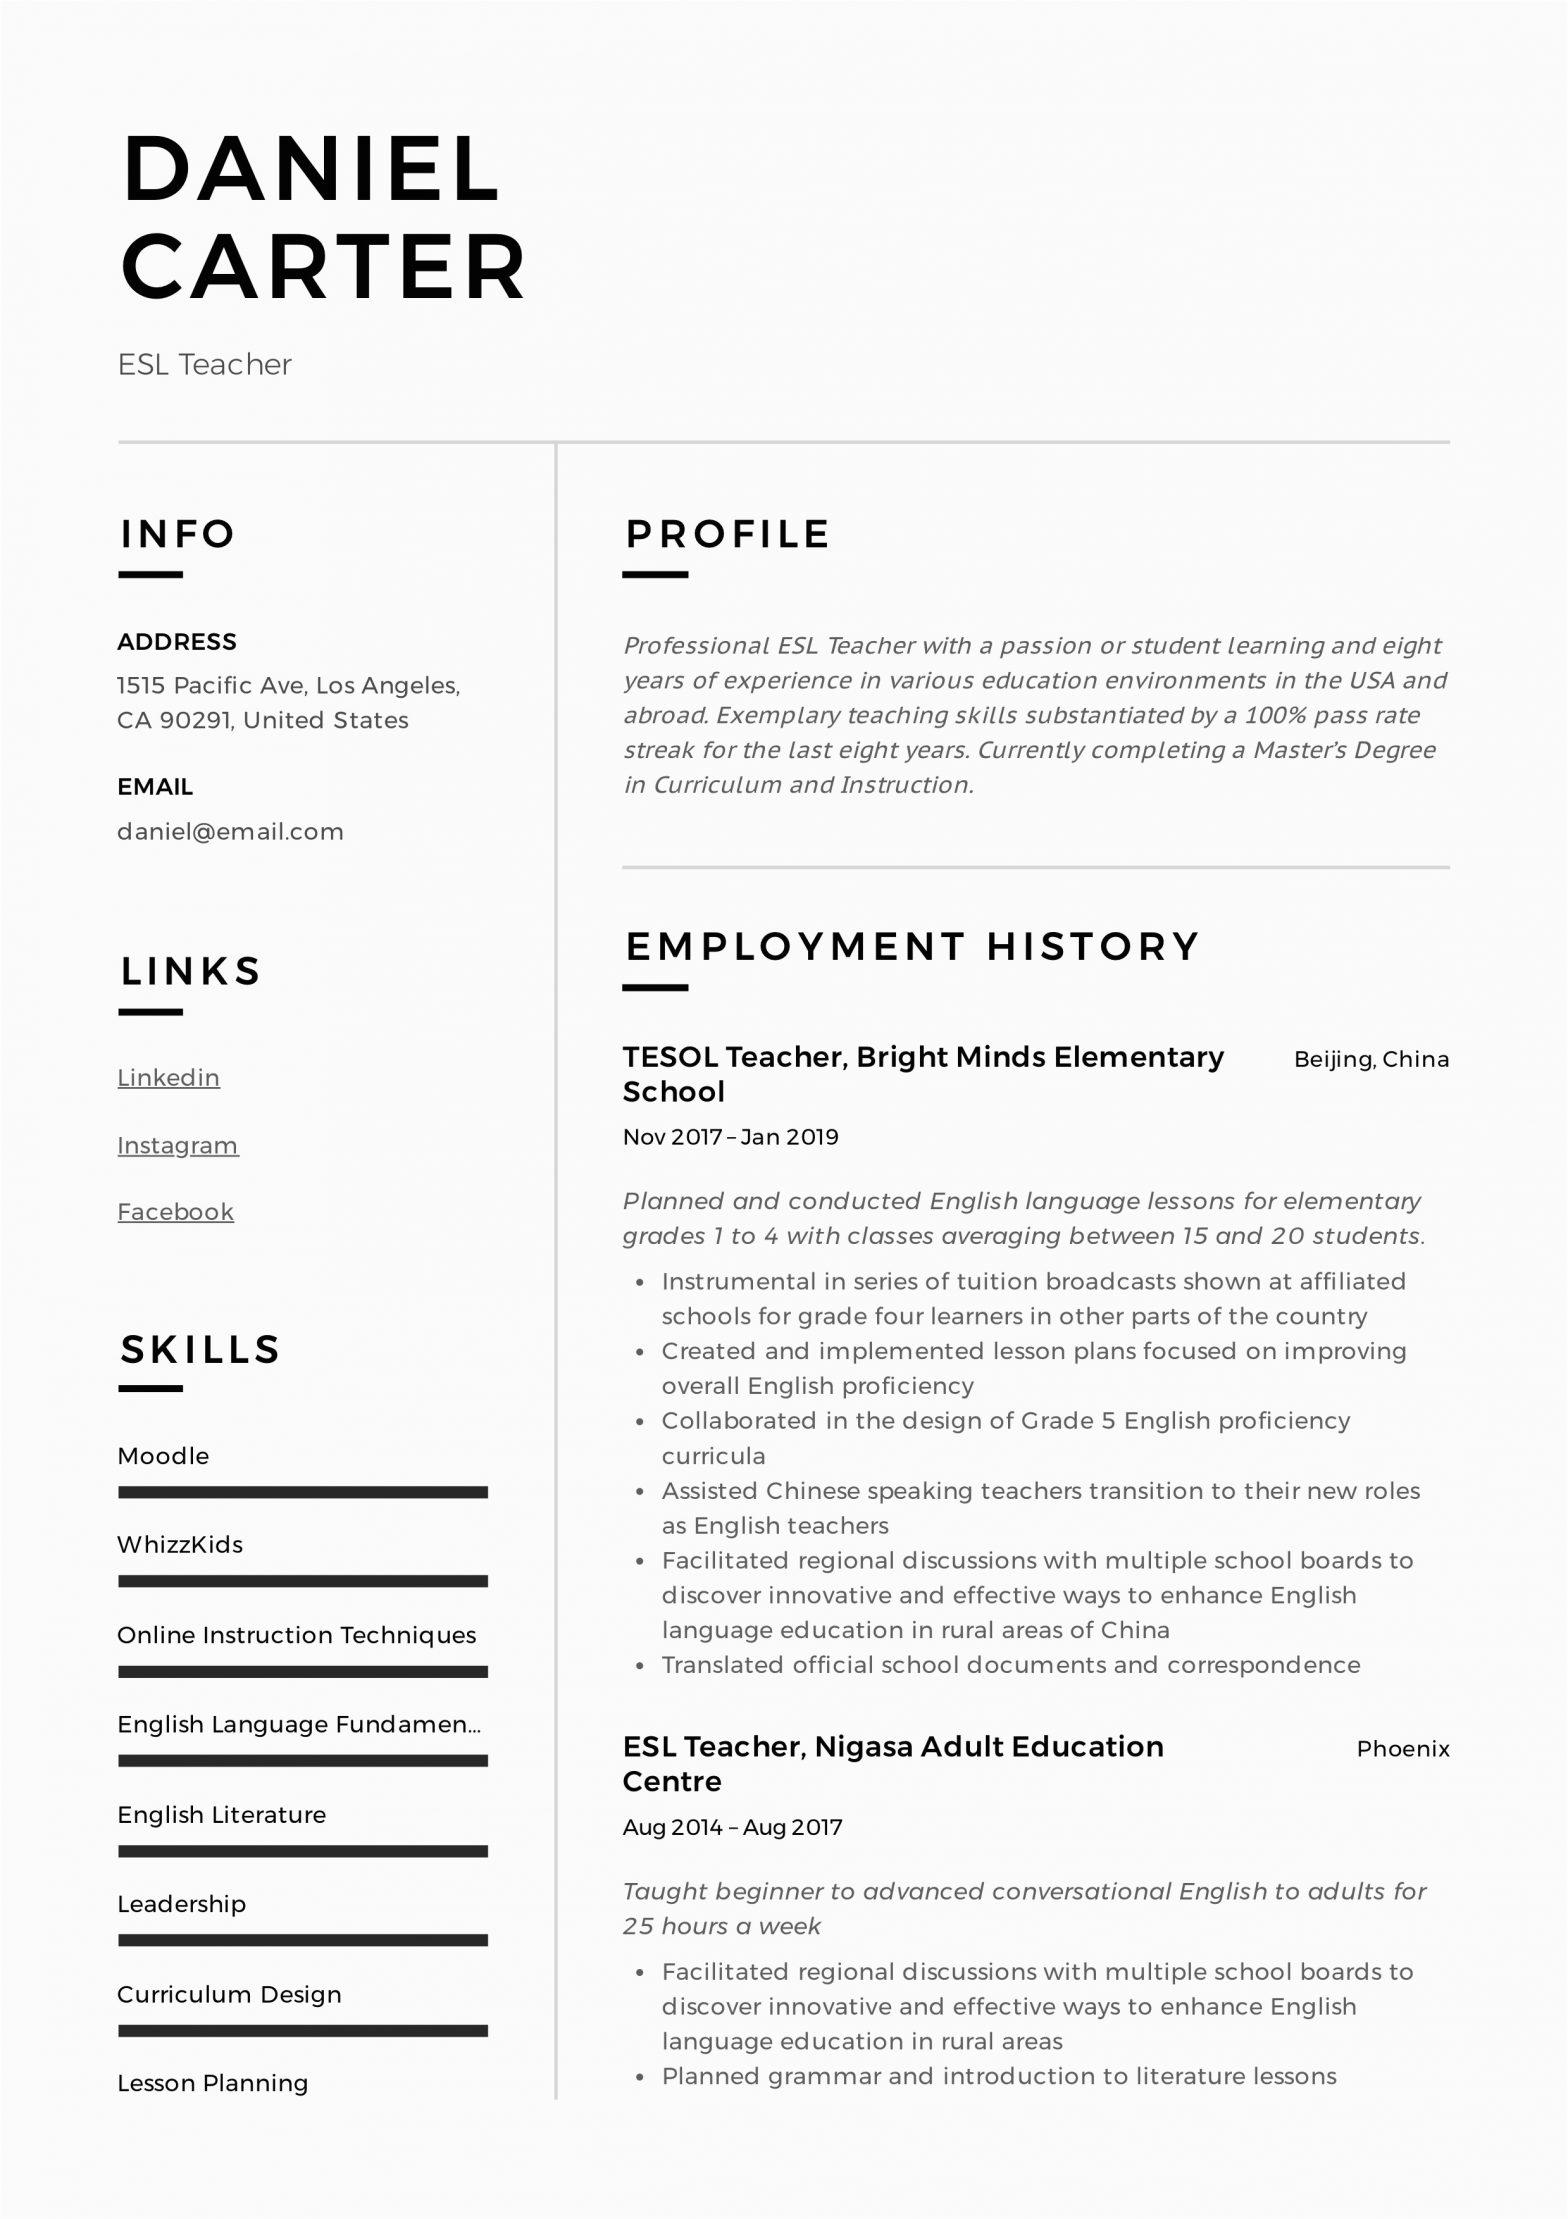 Sample Resume for Online Esl Teacher Esl Teacher Resume Sample & Writing Guide